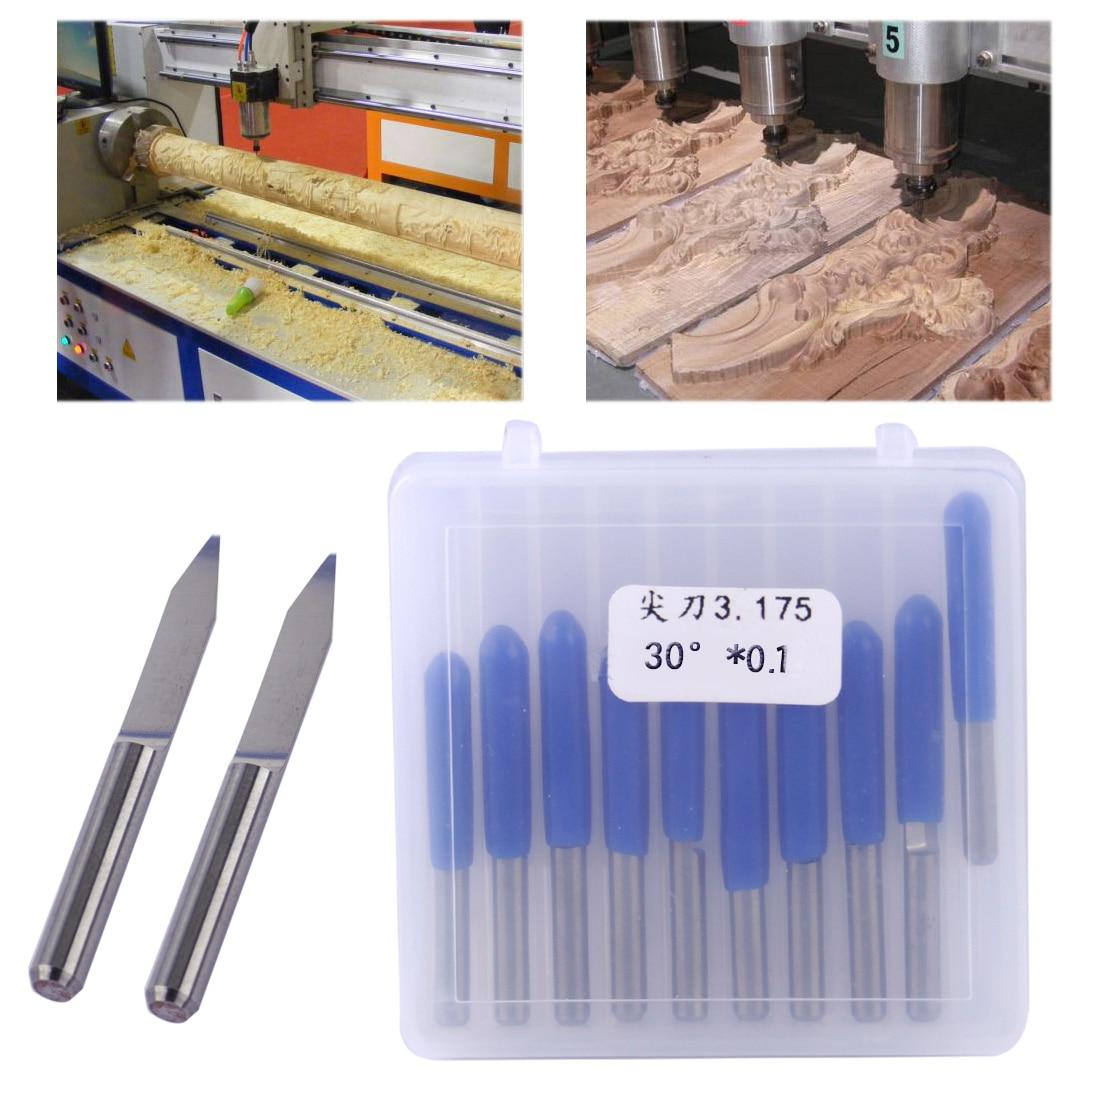 LETAOSK 10 piezas de acero de tungsteno en forma de V 30 grados 0,1mm PCB grabado Bit CNC enrutador accesorios de herramientas